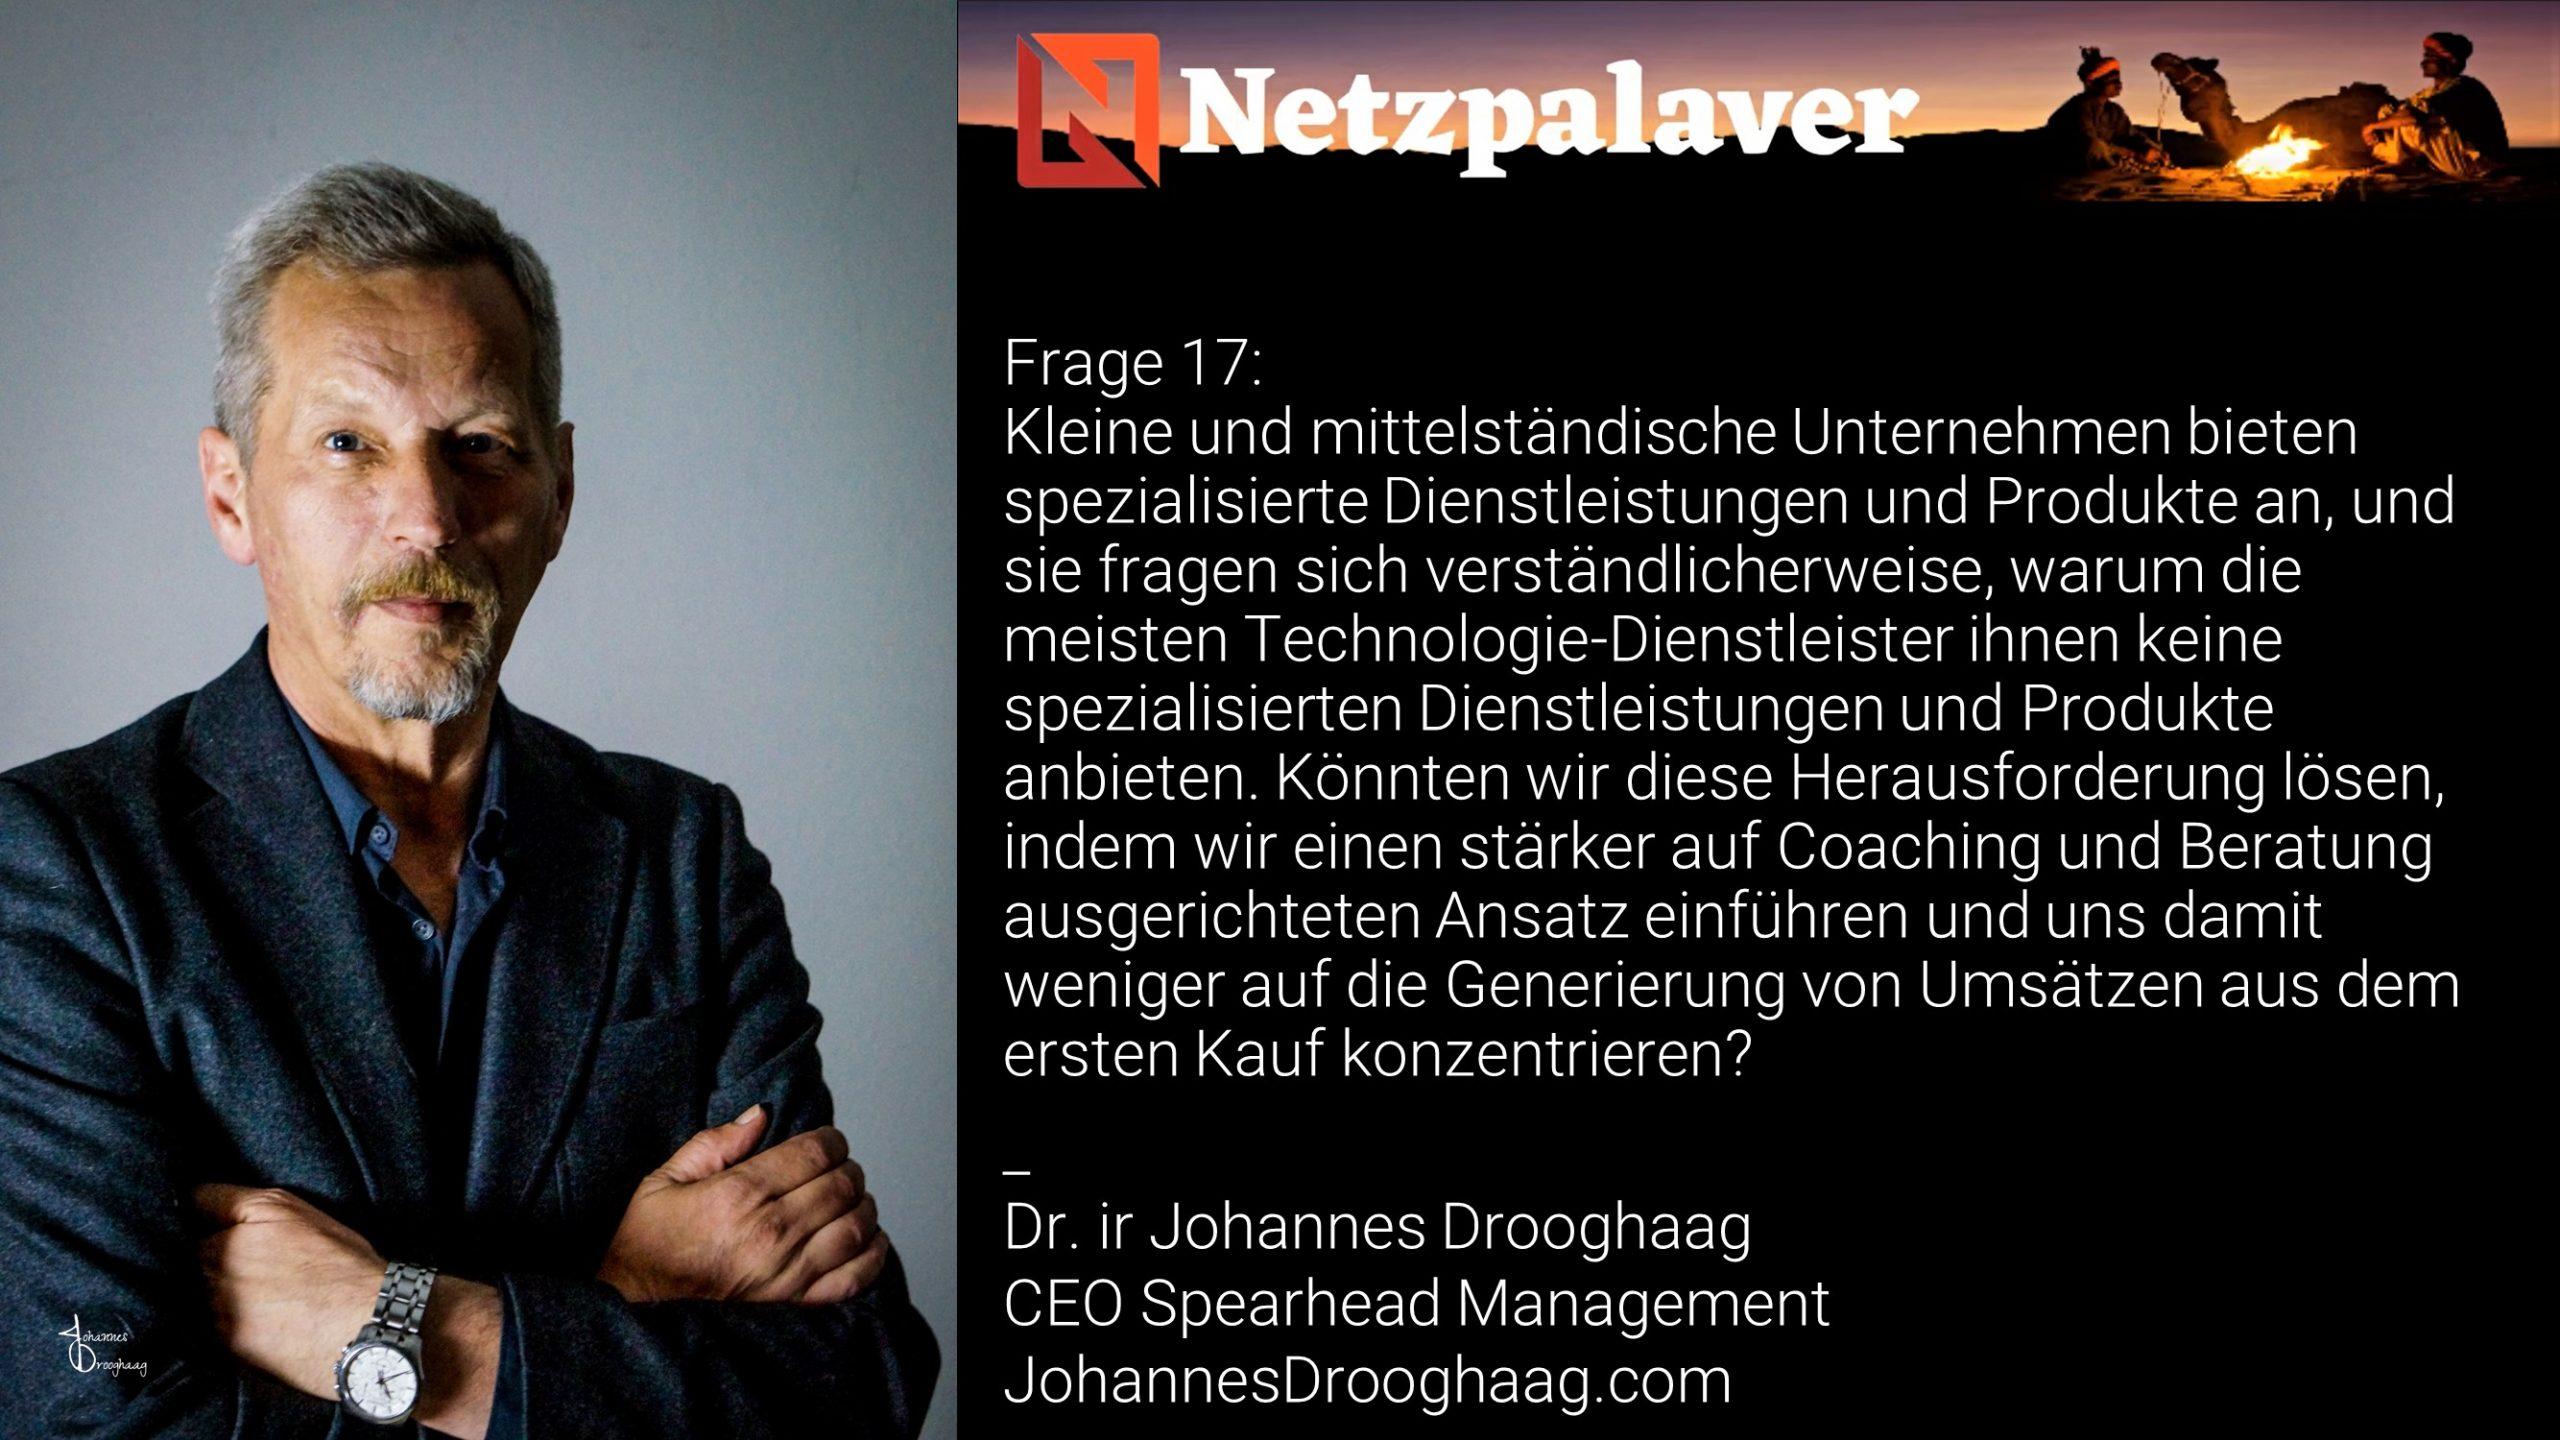 Netzpalaver: Mittelstand und Digitalisierung - Frage 17